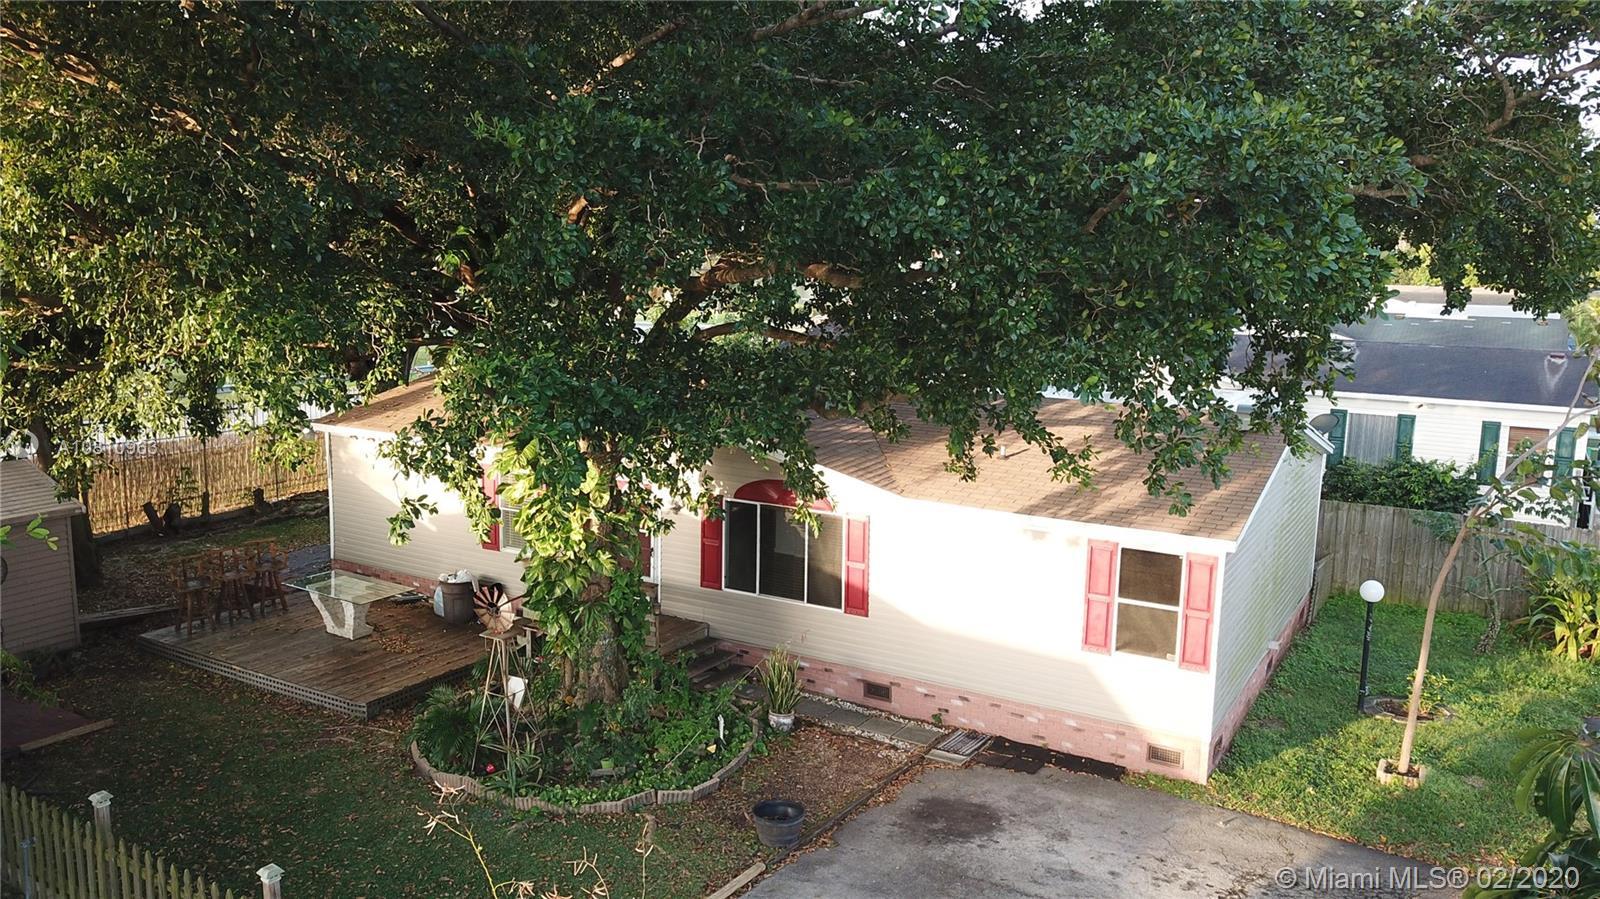 220 NE 12 Av #210, Homestead, FL 33030 - Homestead, FL real estate listing